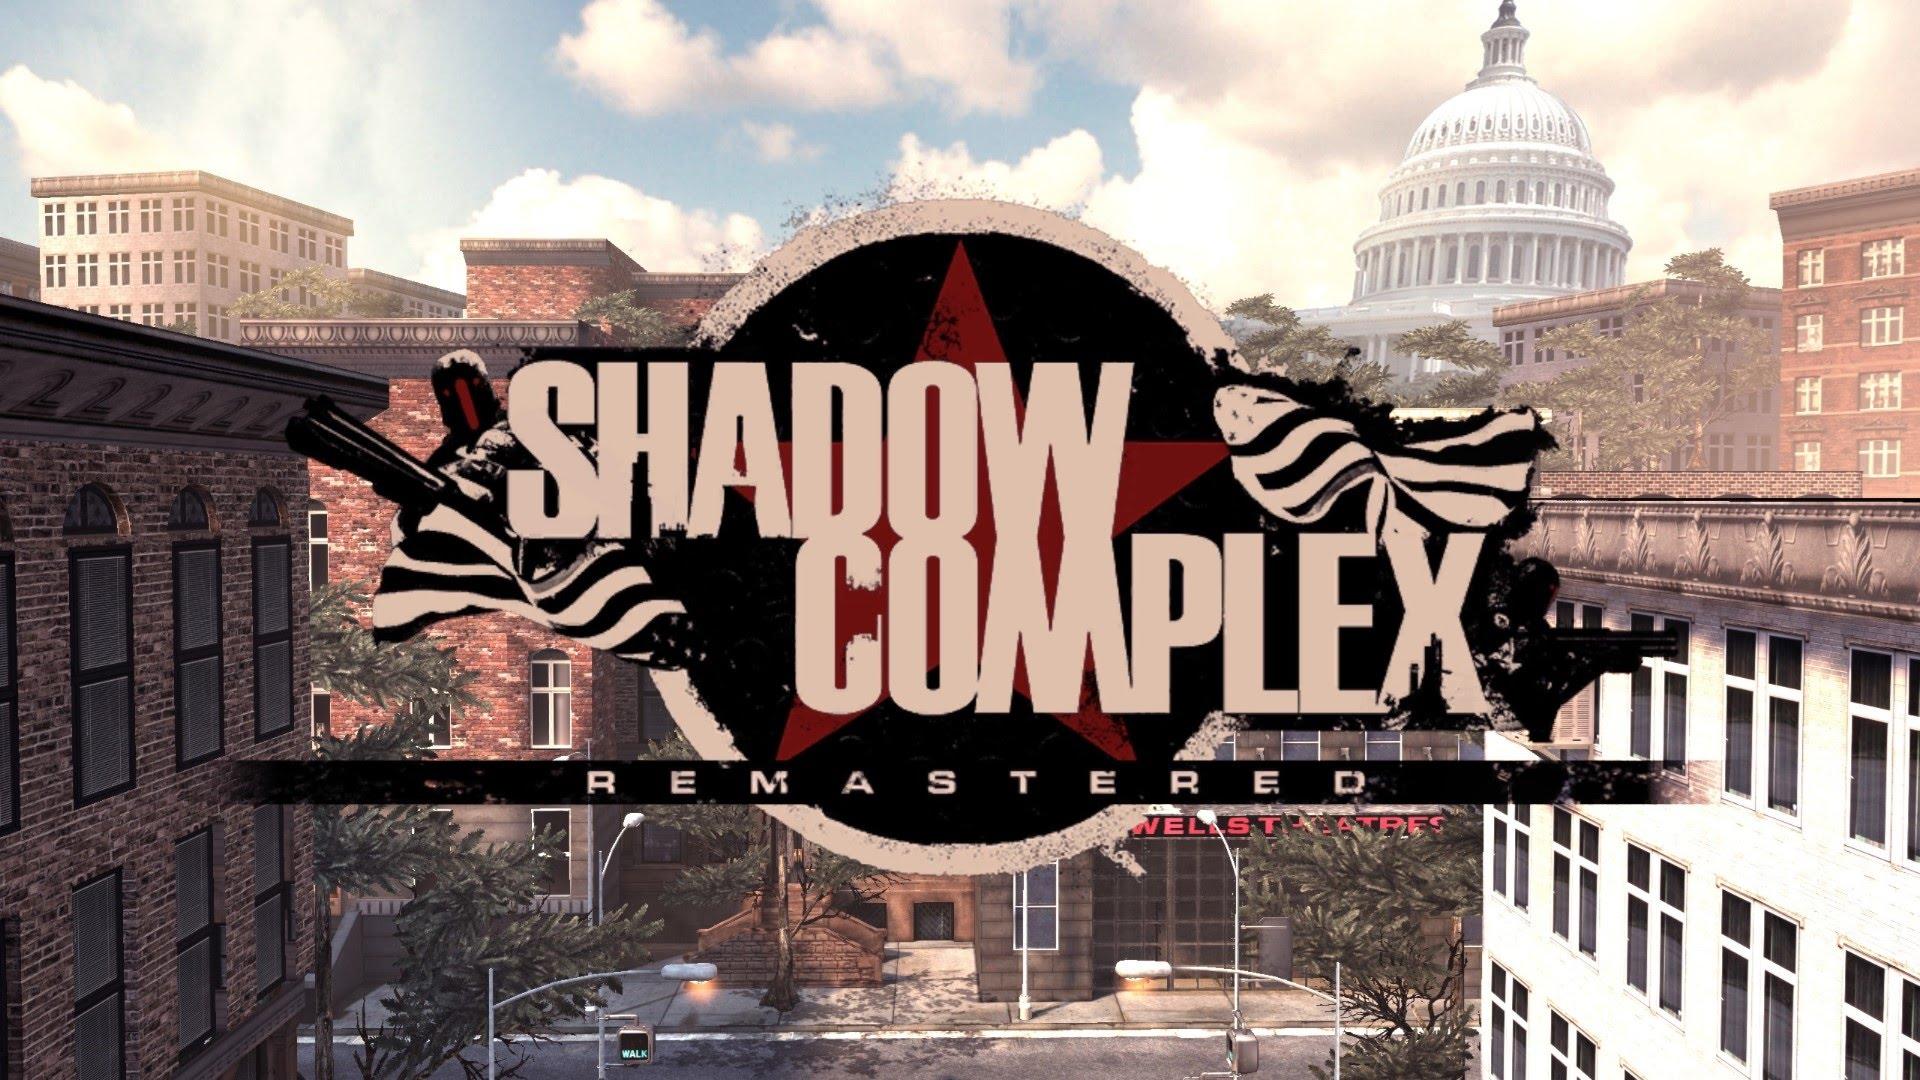 Shadow Complex Remastered, un juego que llega desde Xbox 360 como app  universal – Apps en MundoInsider